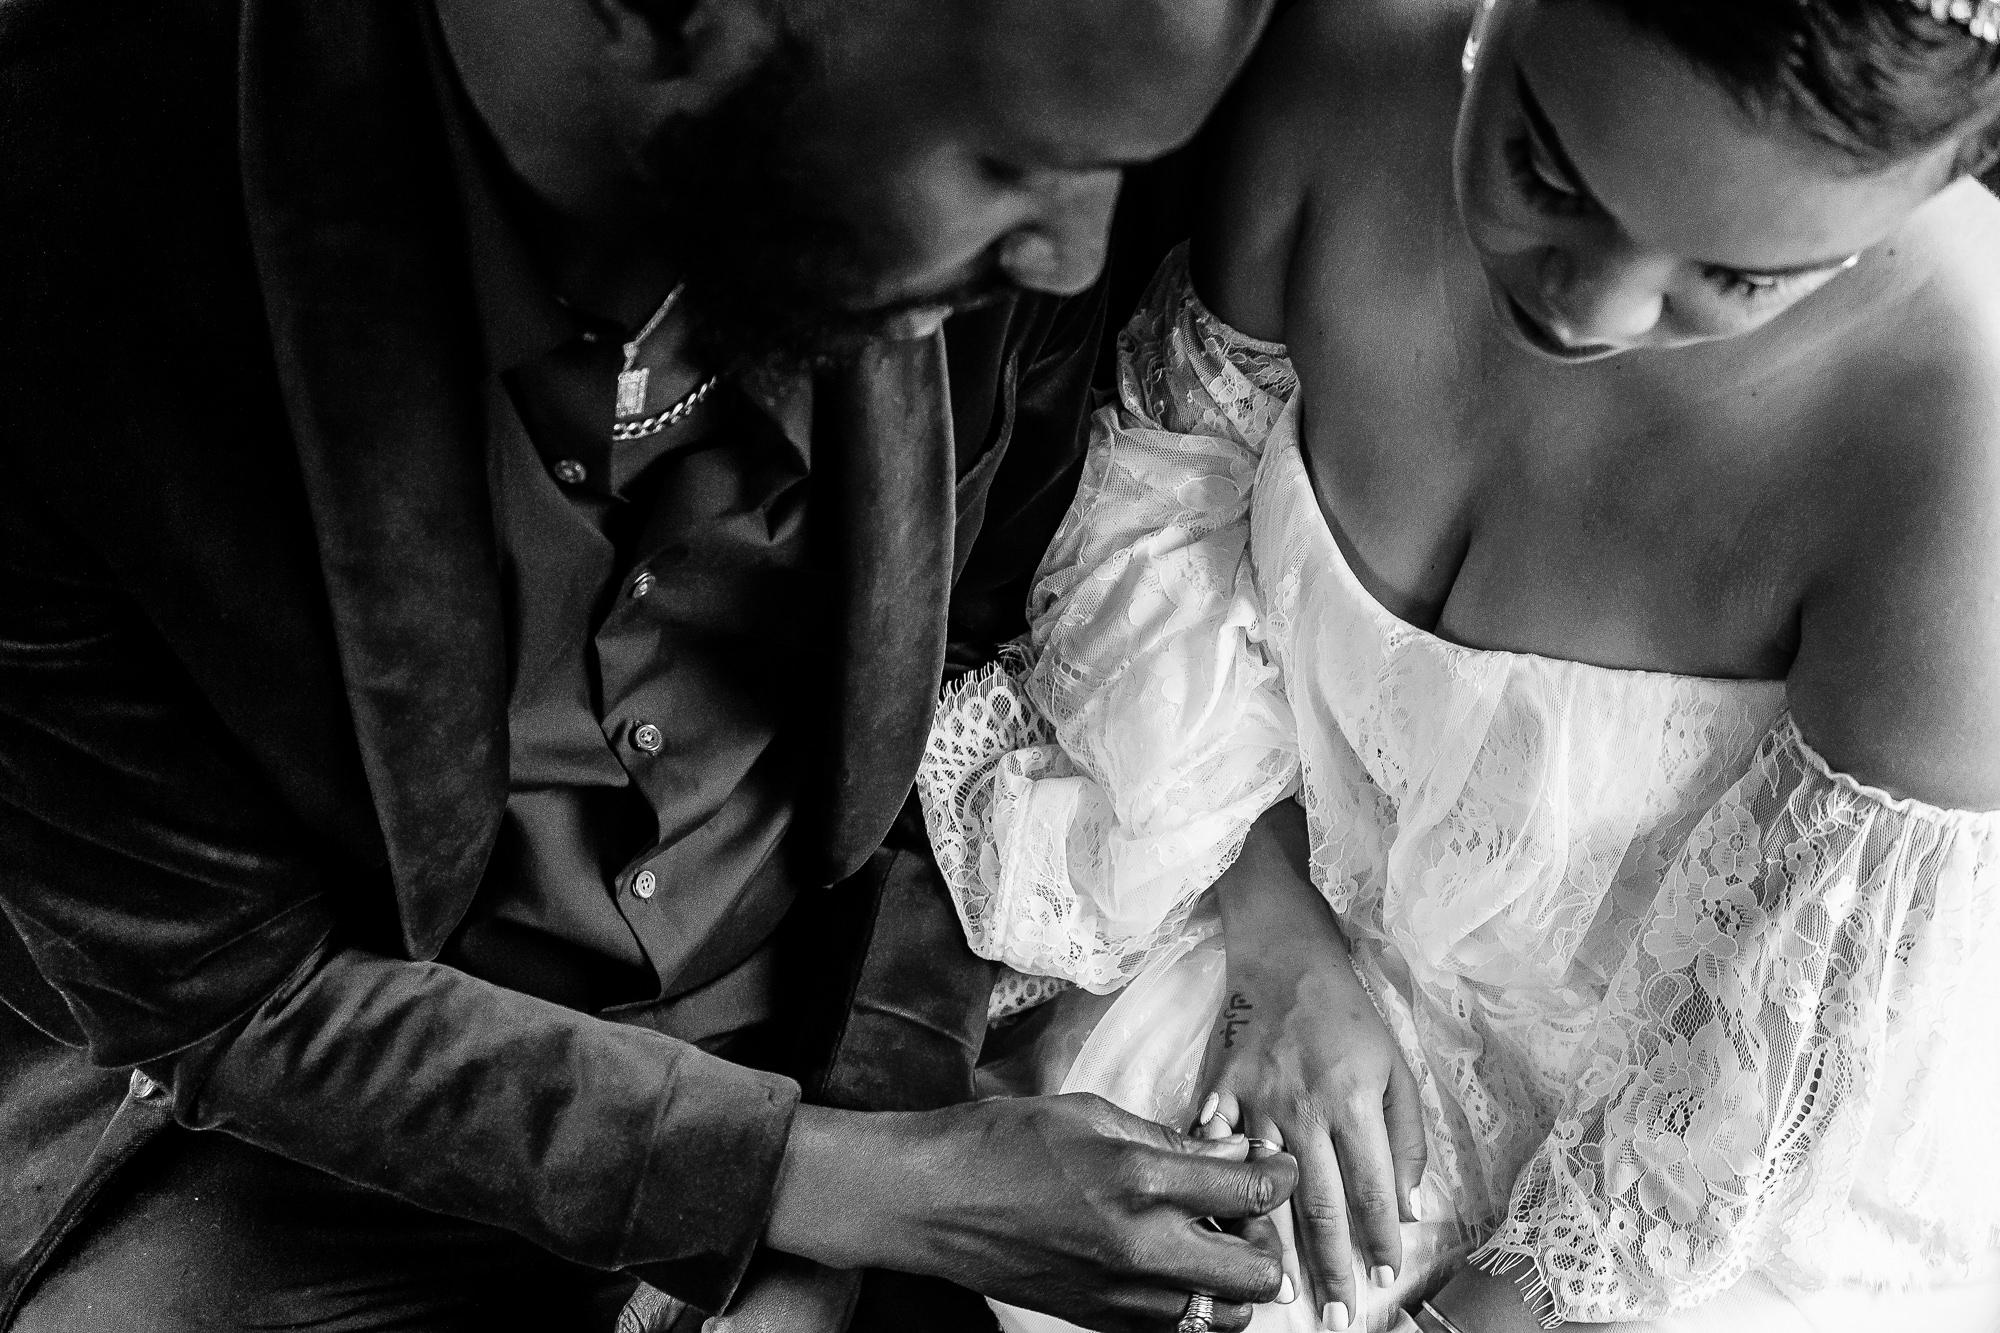 026-026-christopher-jason-studios-university-of-maryland-wedding-raheem-Devaughn-african-american-bride-and-groom.jpg